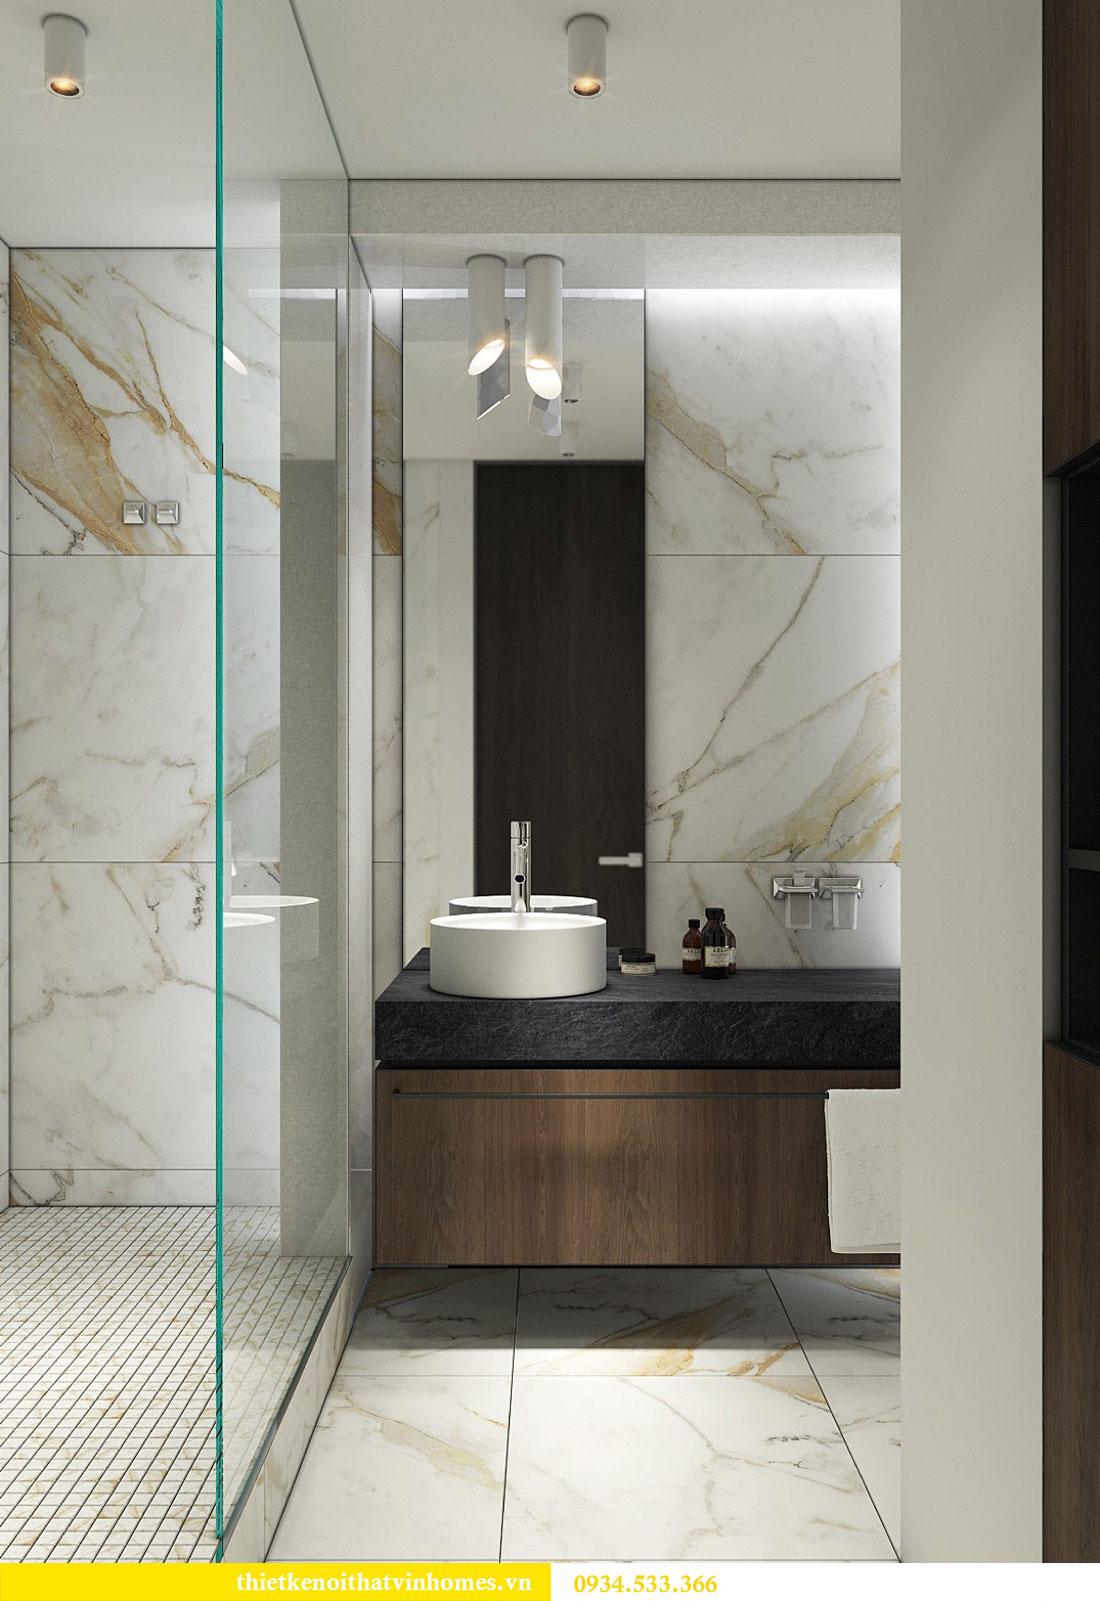 Thiết kế nội thất biệt thự Vinhomes Thăng Long 22